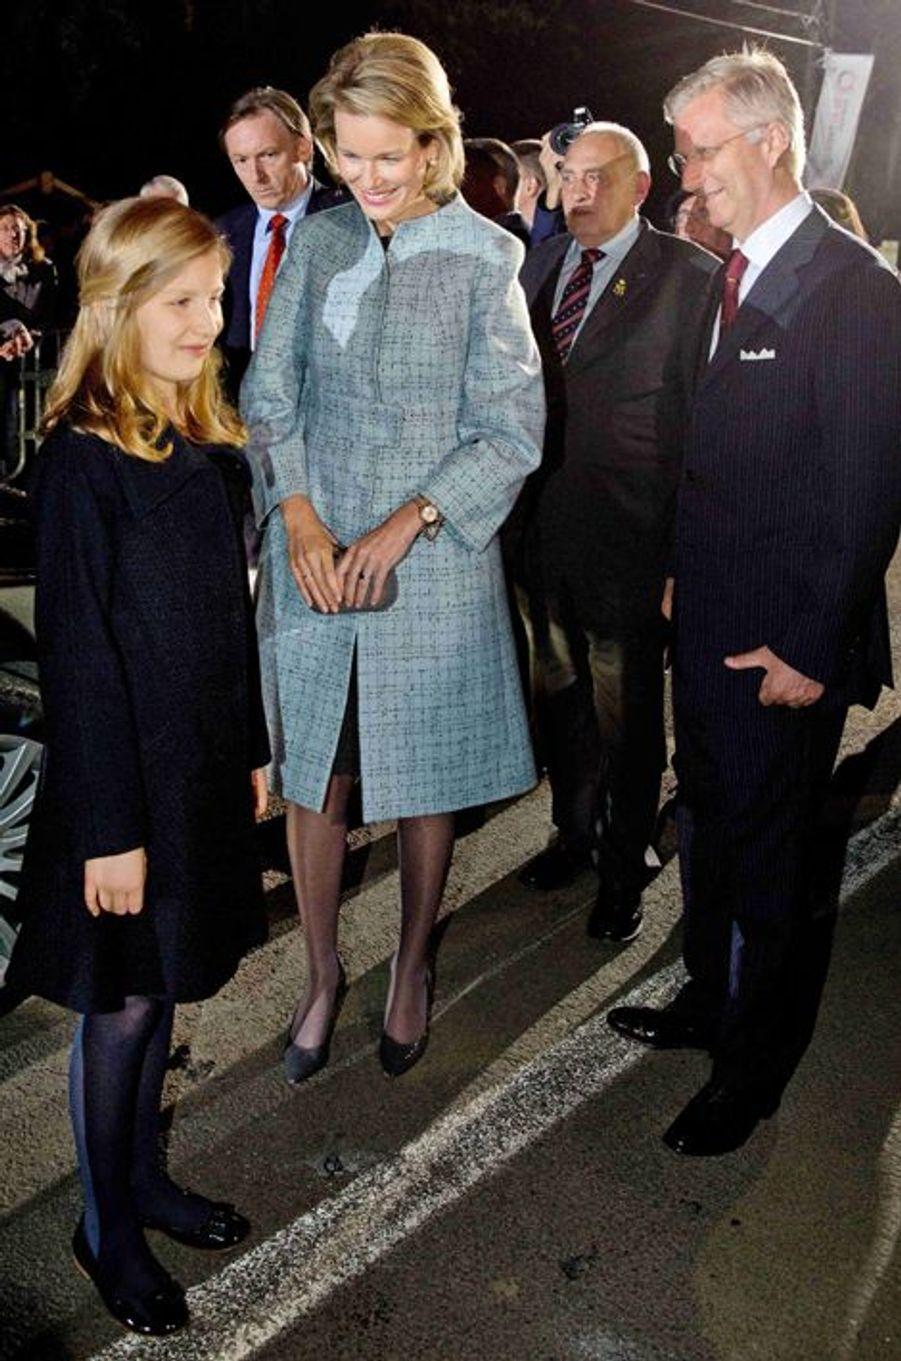 Le roi Philippe de Belgique, la reine Mathilde et la princesse héritière Elisabeth à Ploegsteert, le 17 octobre 2014